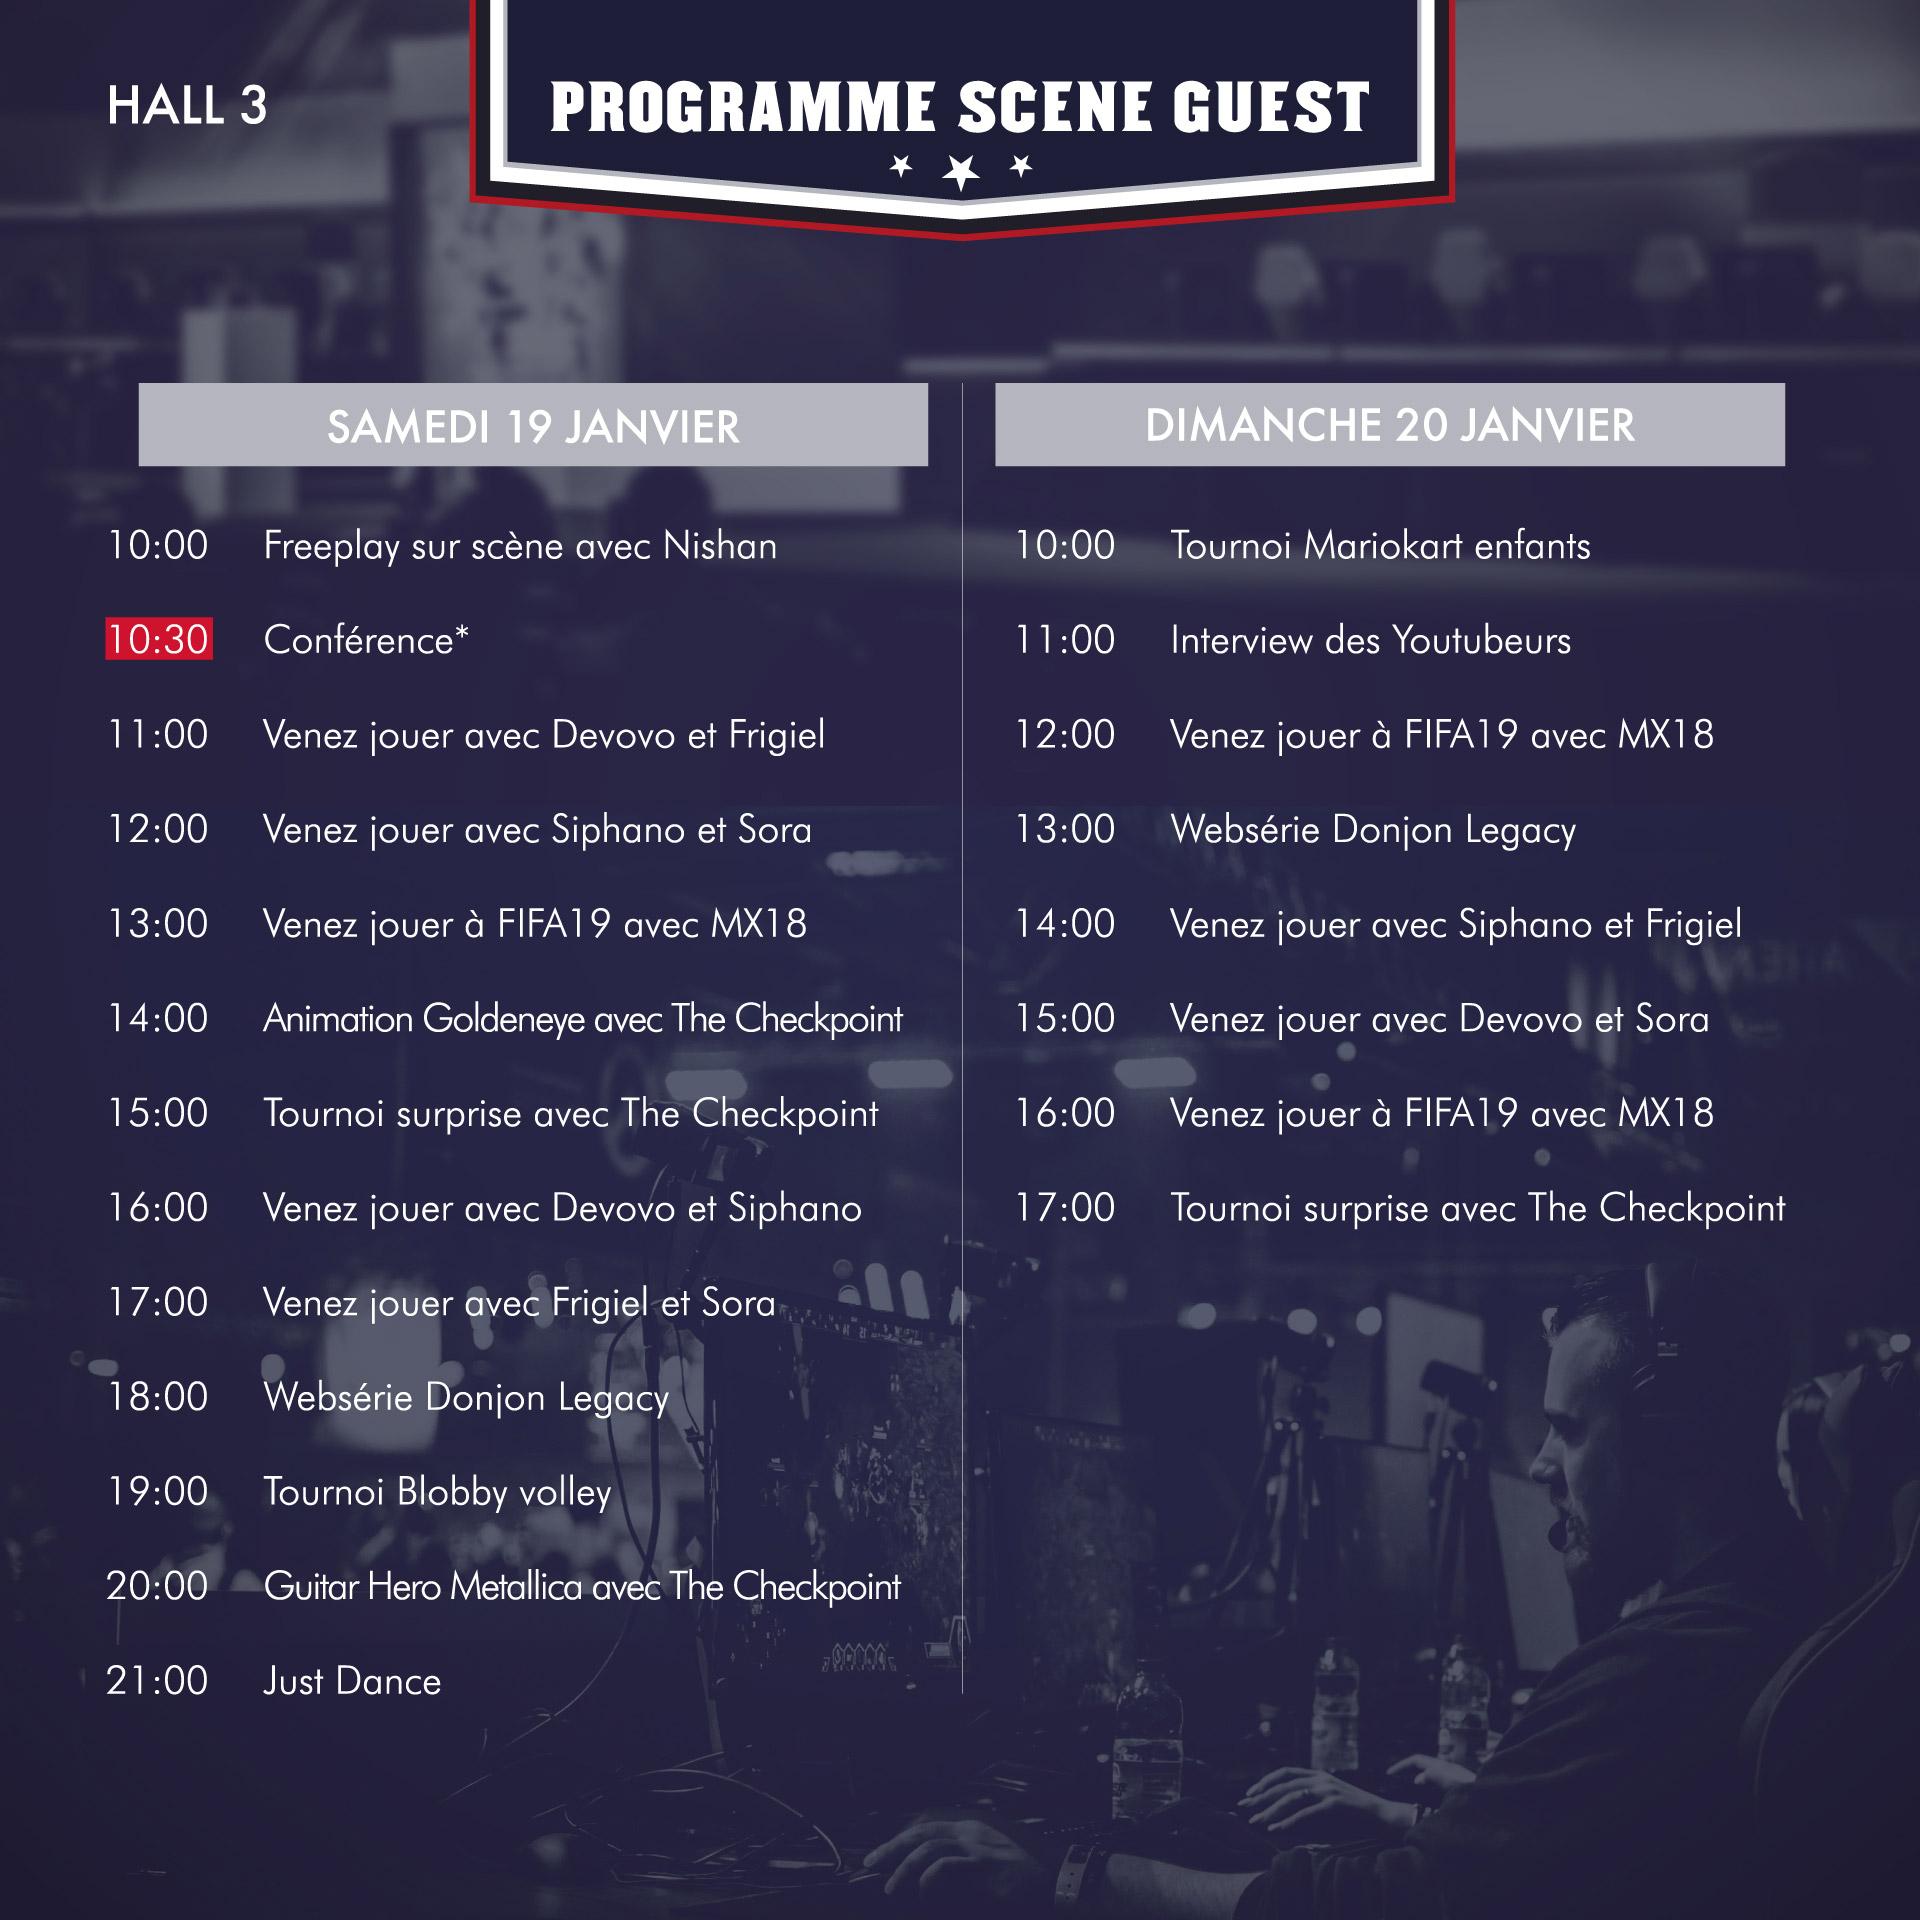 Programme de la scène GUESTS